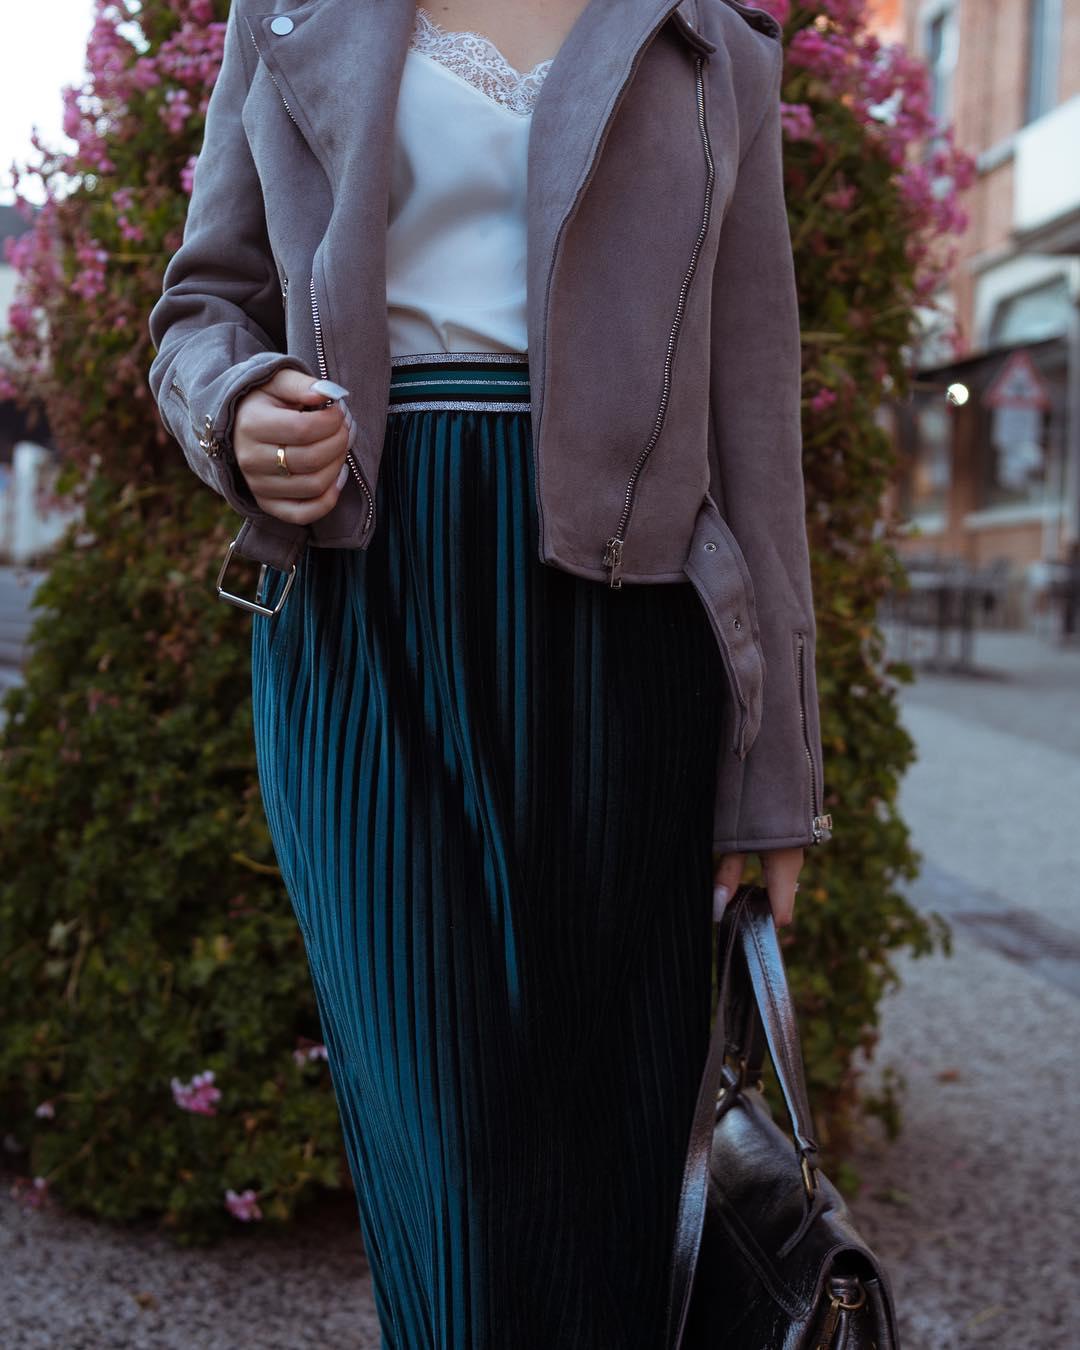 jupe plissée noire de Les Bourgeoises sur eros_charleroi